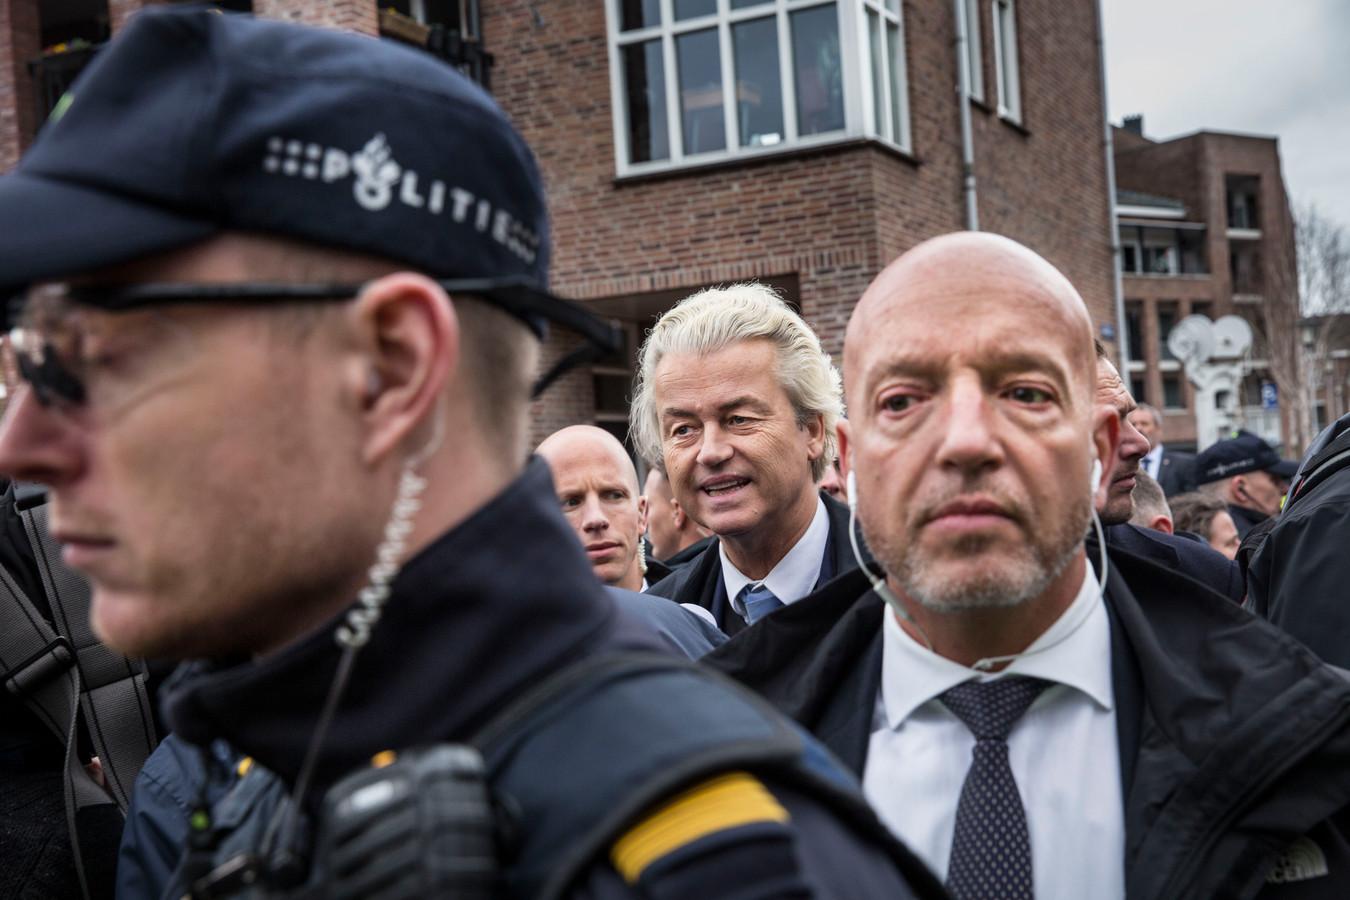 Wilders tijdens een bezoek aan de markt in Spijkenisse, in aanloop naar de Provinciale Statenverkiezingen. Een van zijn beveiligers bleek te loslippig over de maatregelen die rond de beveiliging van de PVV-leider worden getroffen.